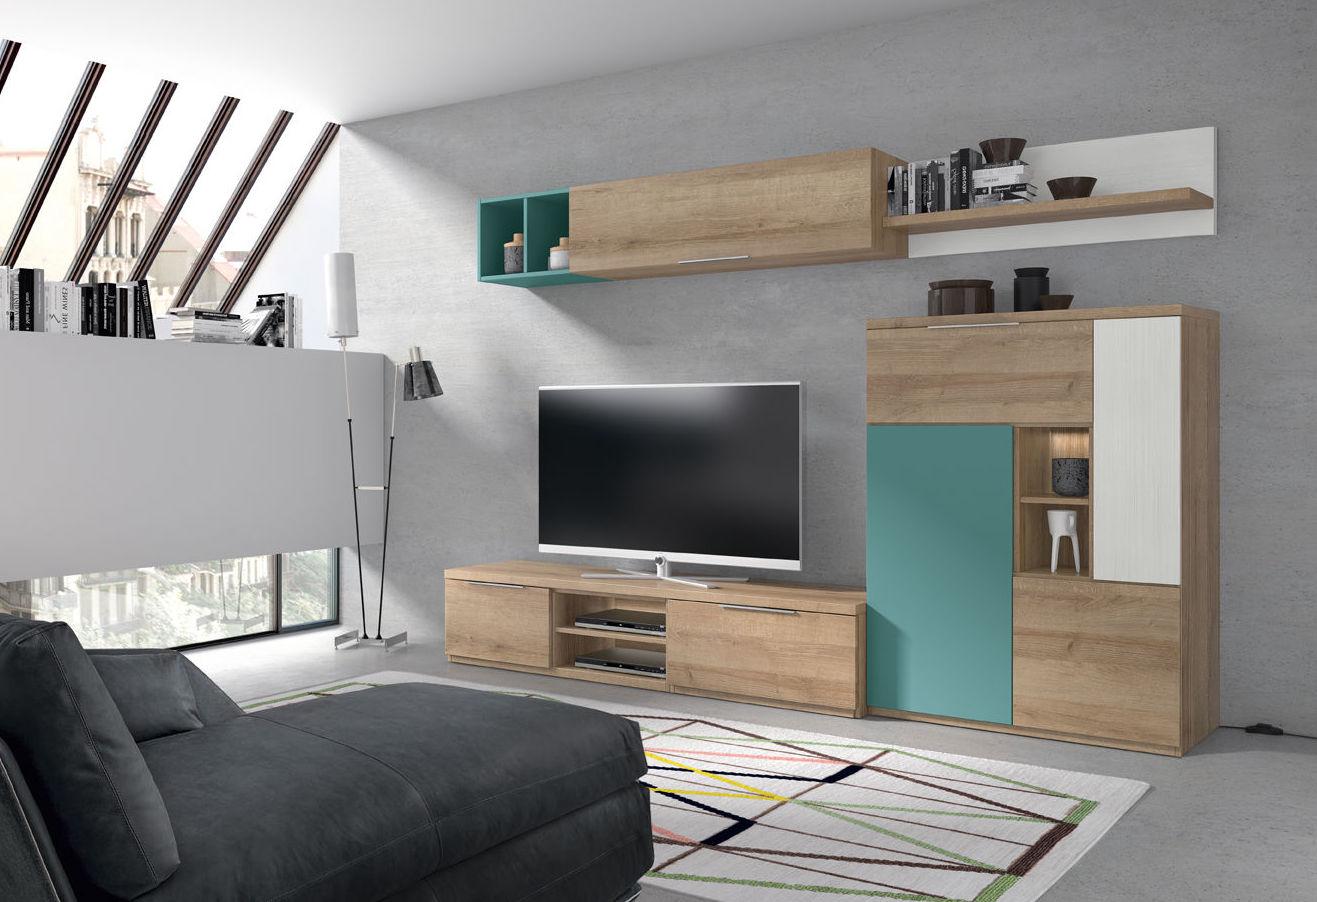 Muebles de salón (línea moderna y convencional): CATÁLOGO DE MUEBLES de Merysan Muebles